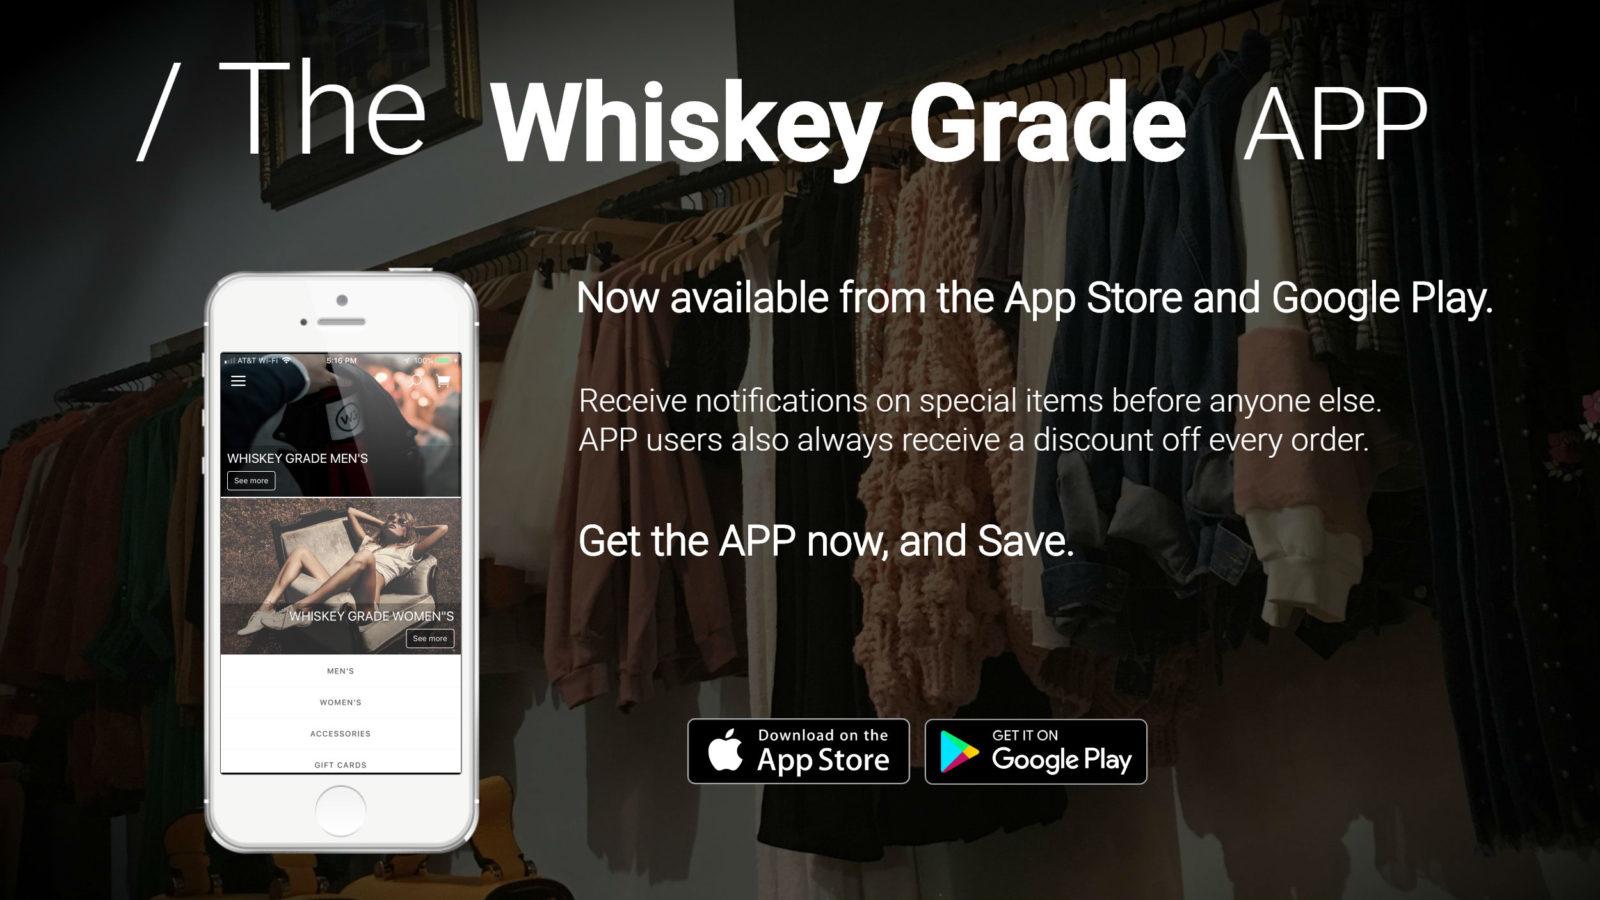 WG Mobile App